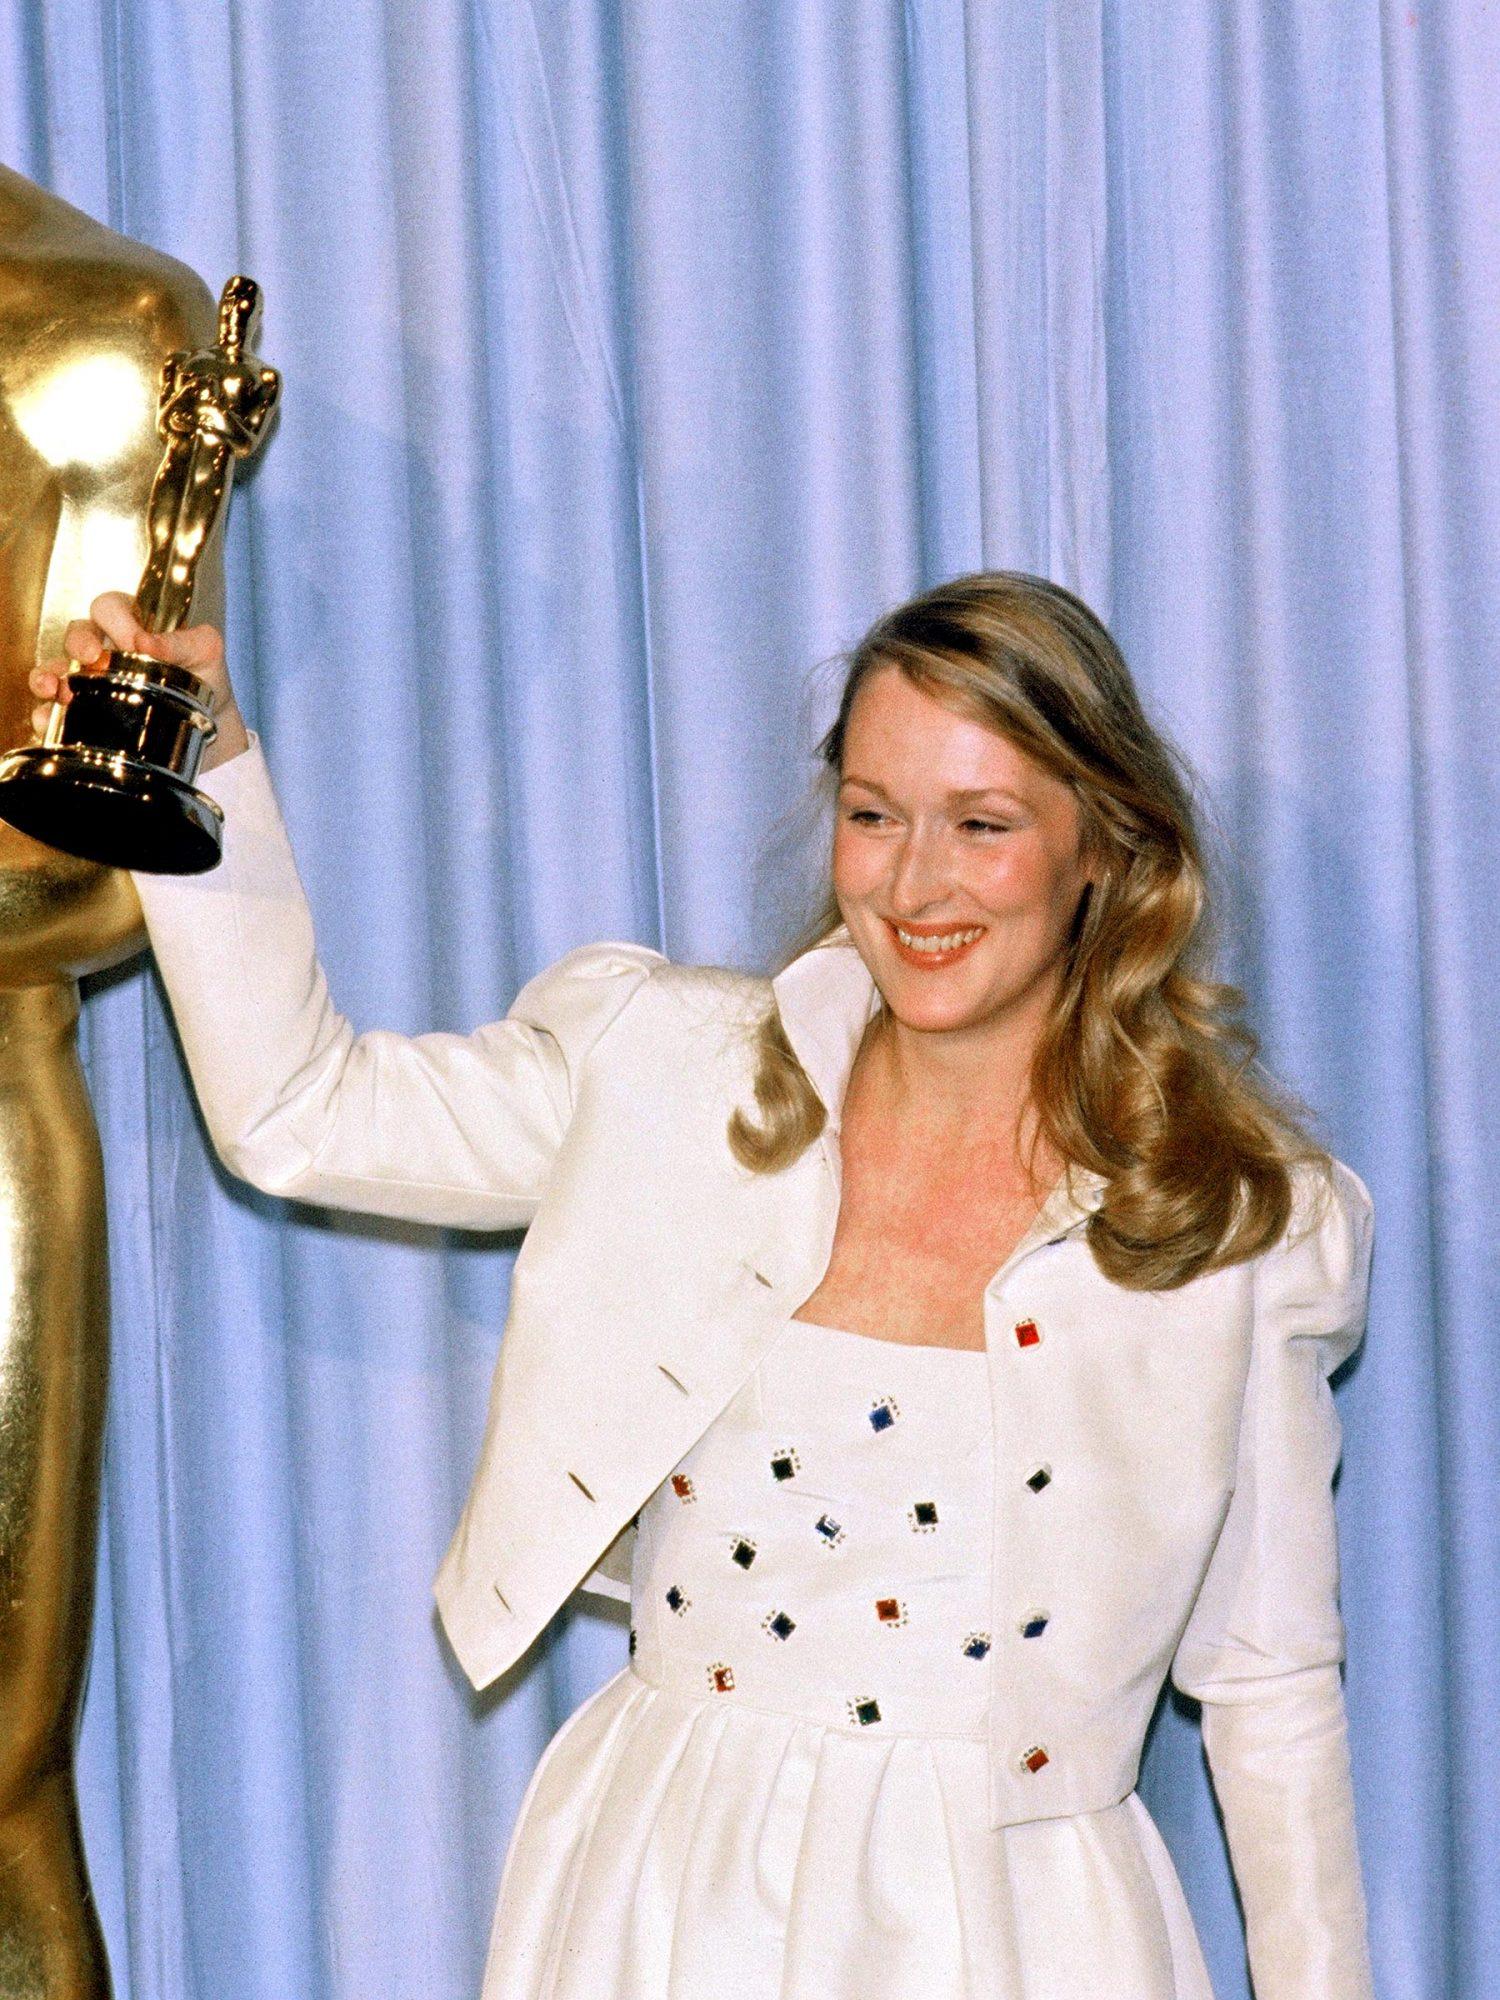 The Oscars Academy Awards In 1980